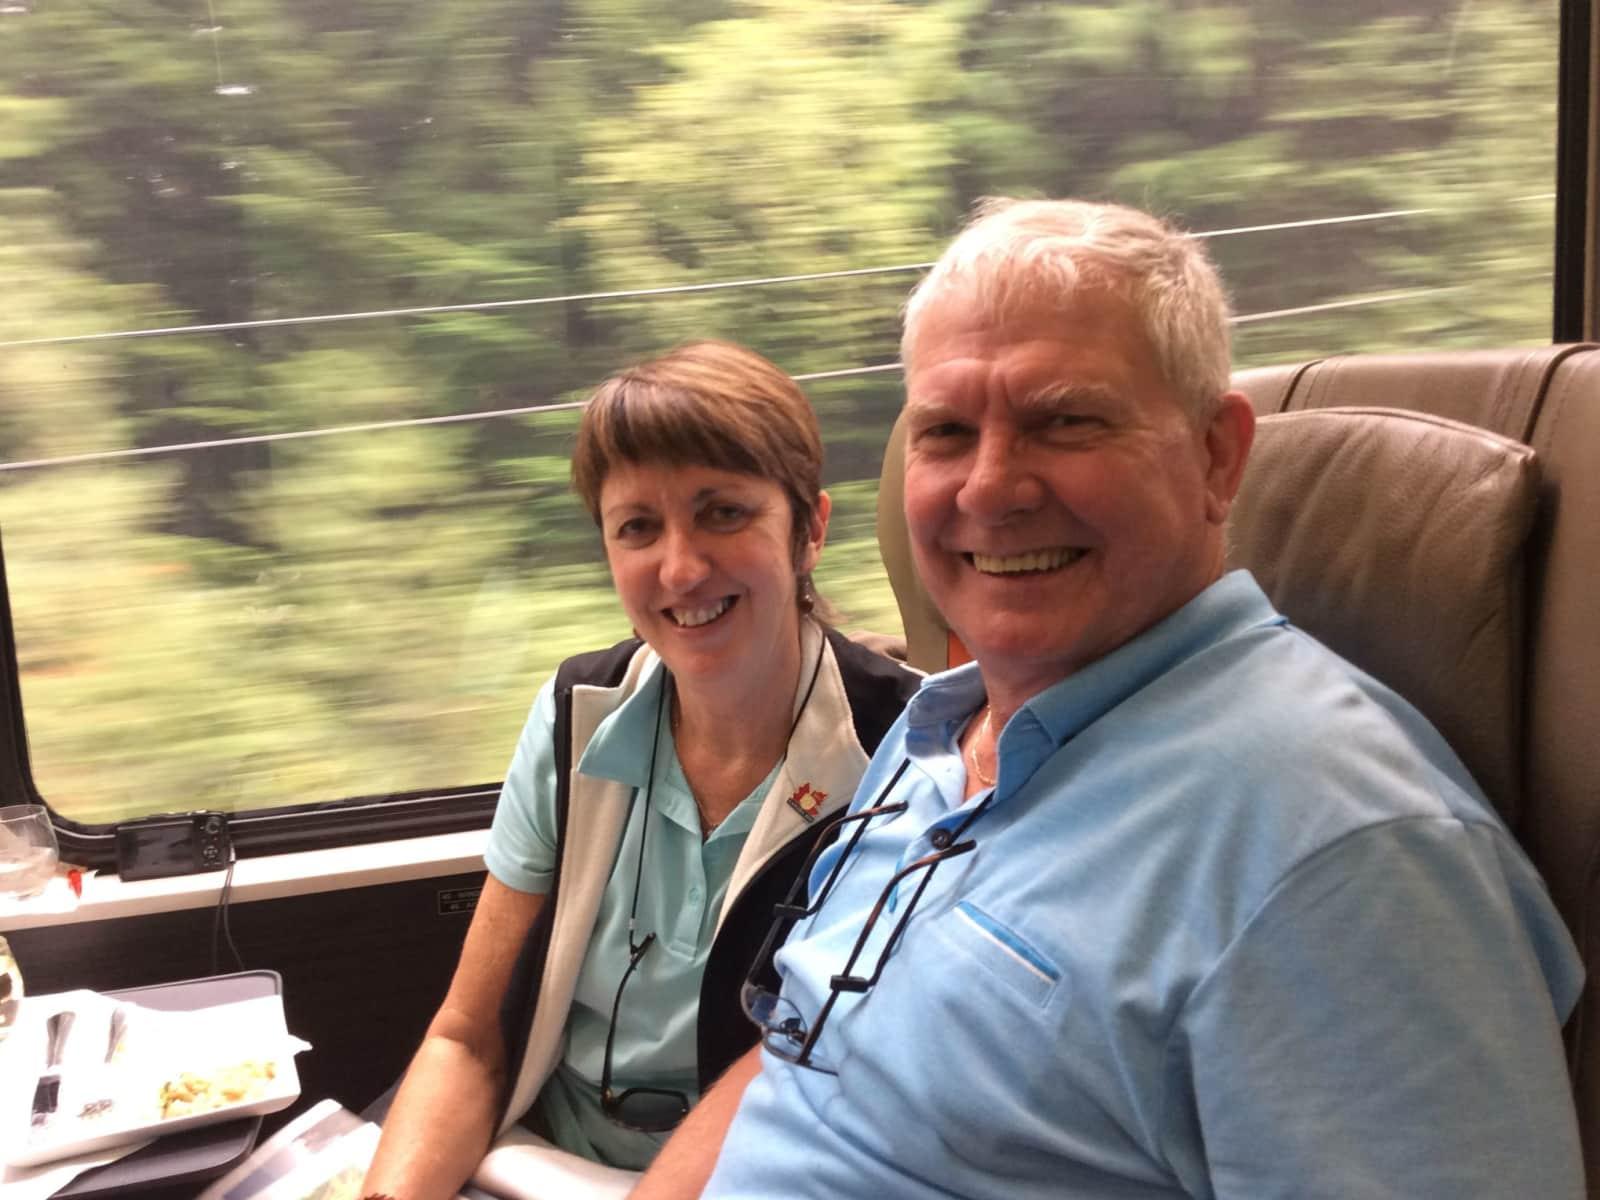 Lesley & Ken from Brisbane, Queensland, Australia